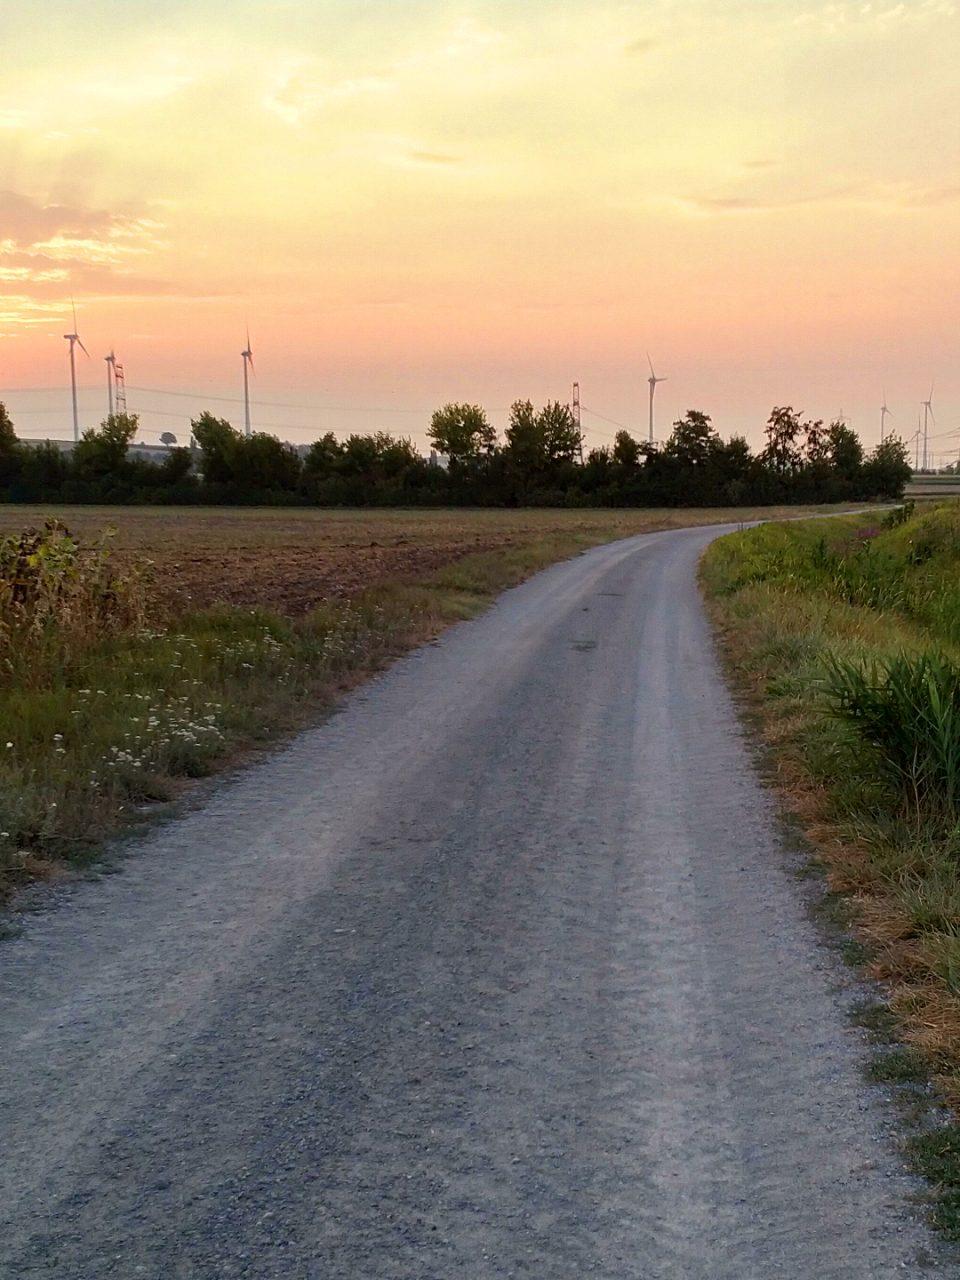 Feldweg bei Sonnenaufgang